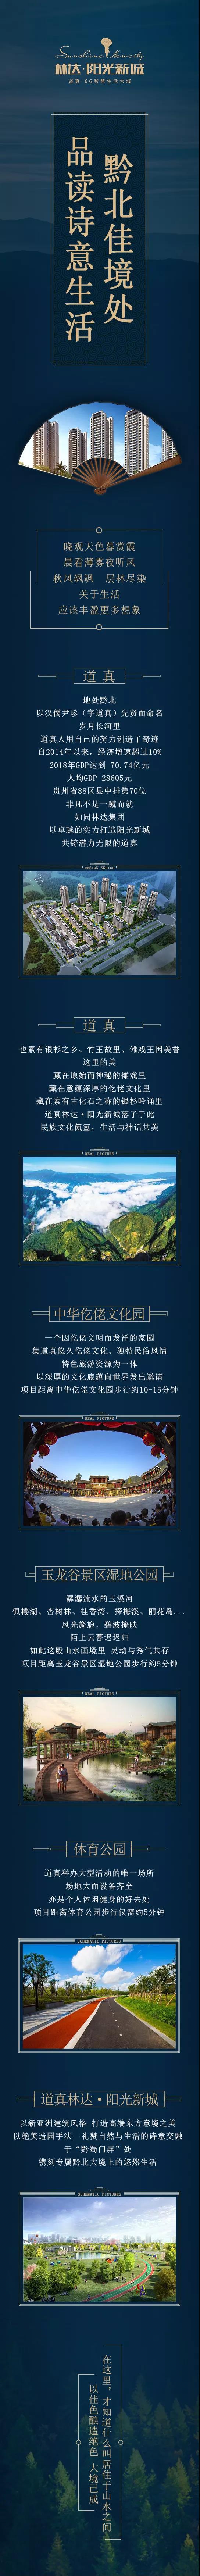 道真林达阳光新城:黔北佳境处 品读诗意生活-中国网地产